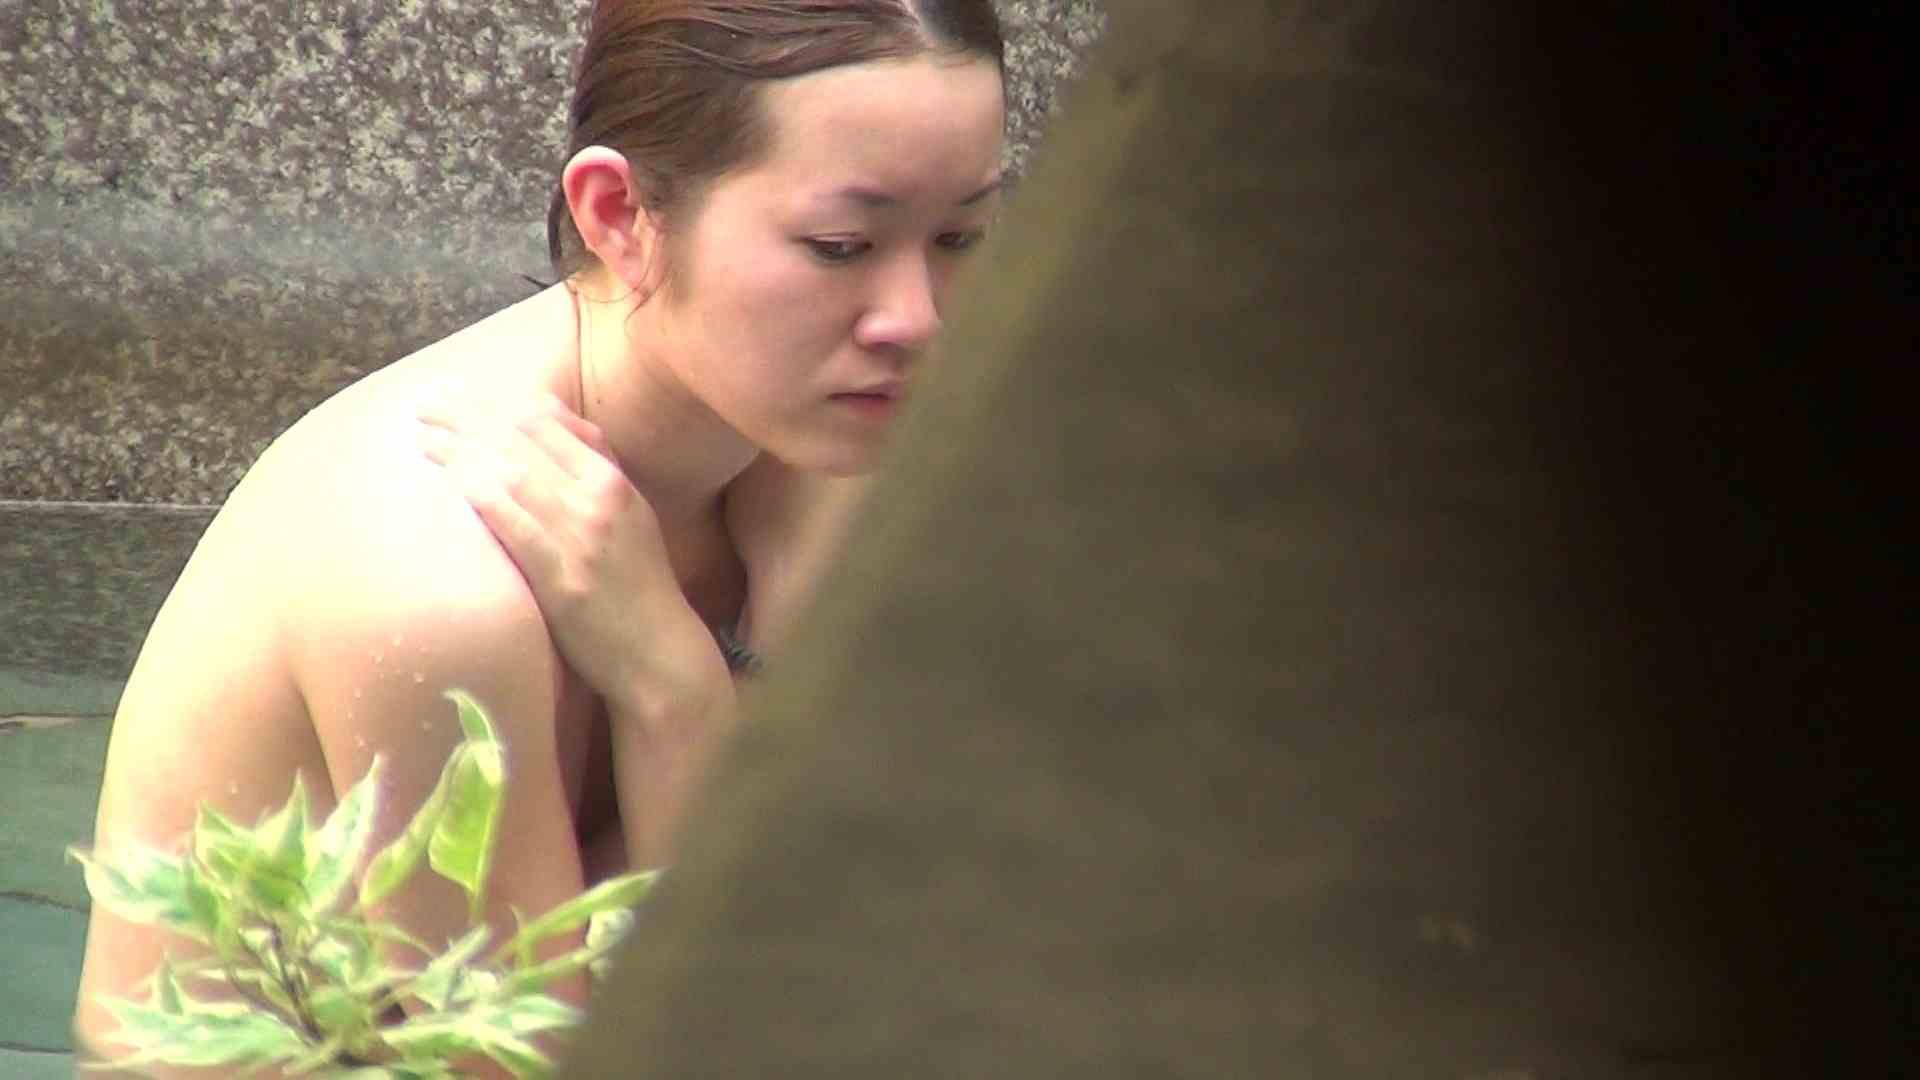 Aquaな露天風呂Vol.263 盗撮動画 | 露天風呂  10枚 7